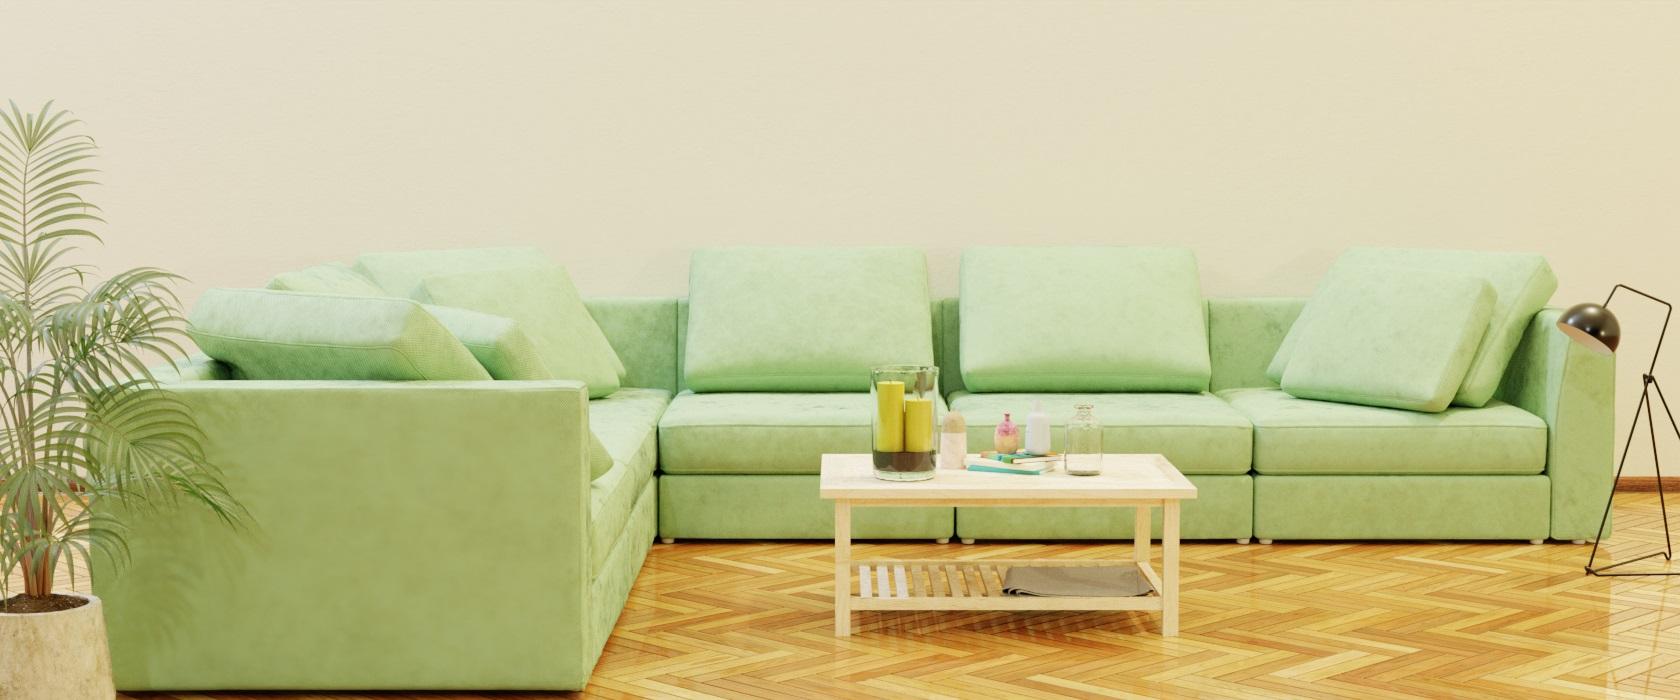 Модульный диван Lisboa 396x306 - Фото 2 - Pufetto